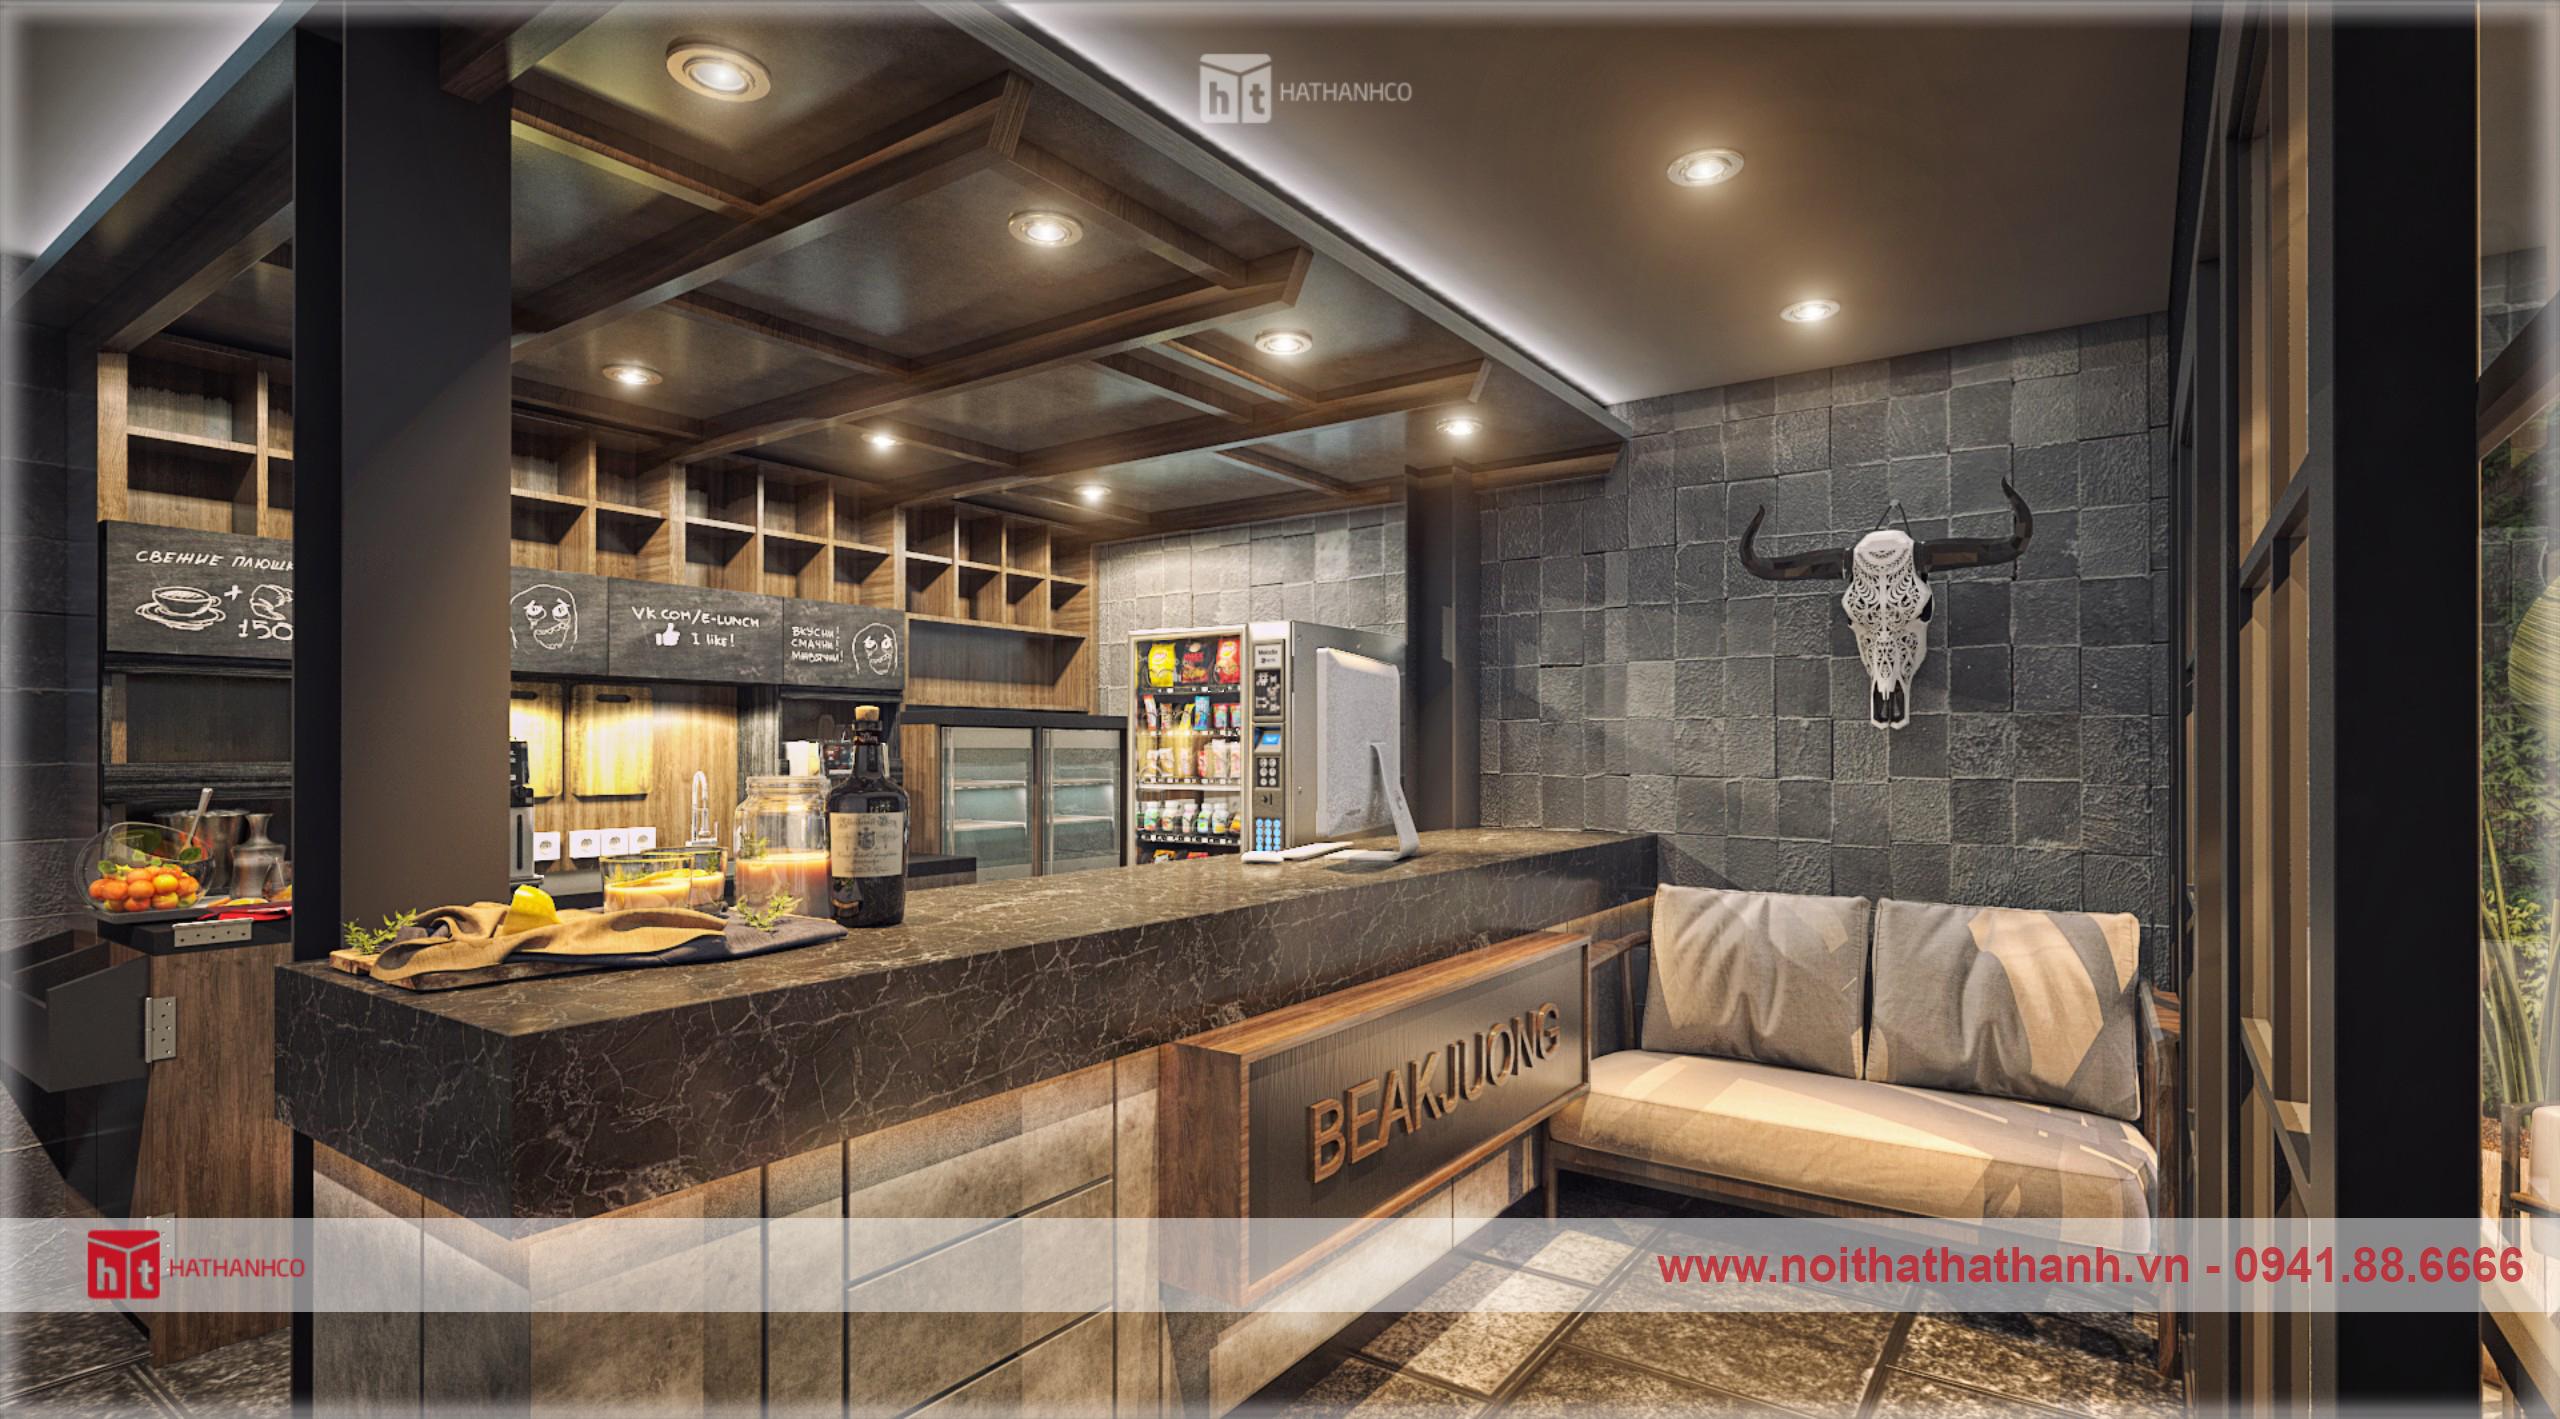 thiết kế nội thất quán coffee phong cách hàn quốc (3)